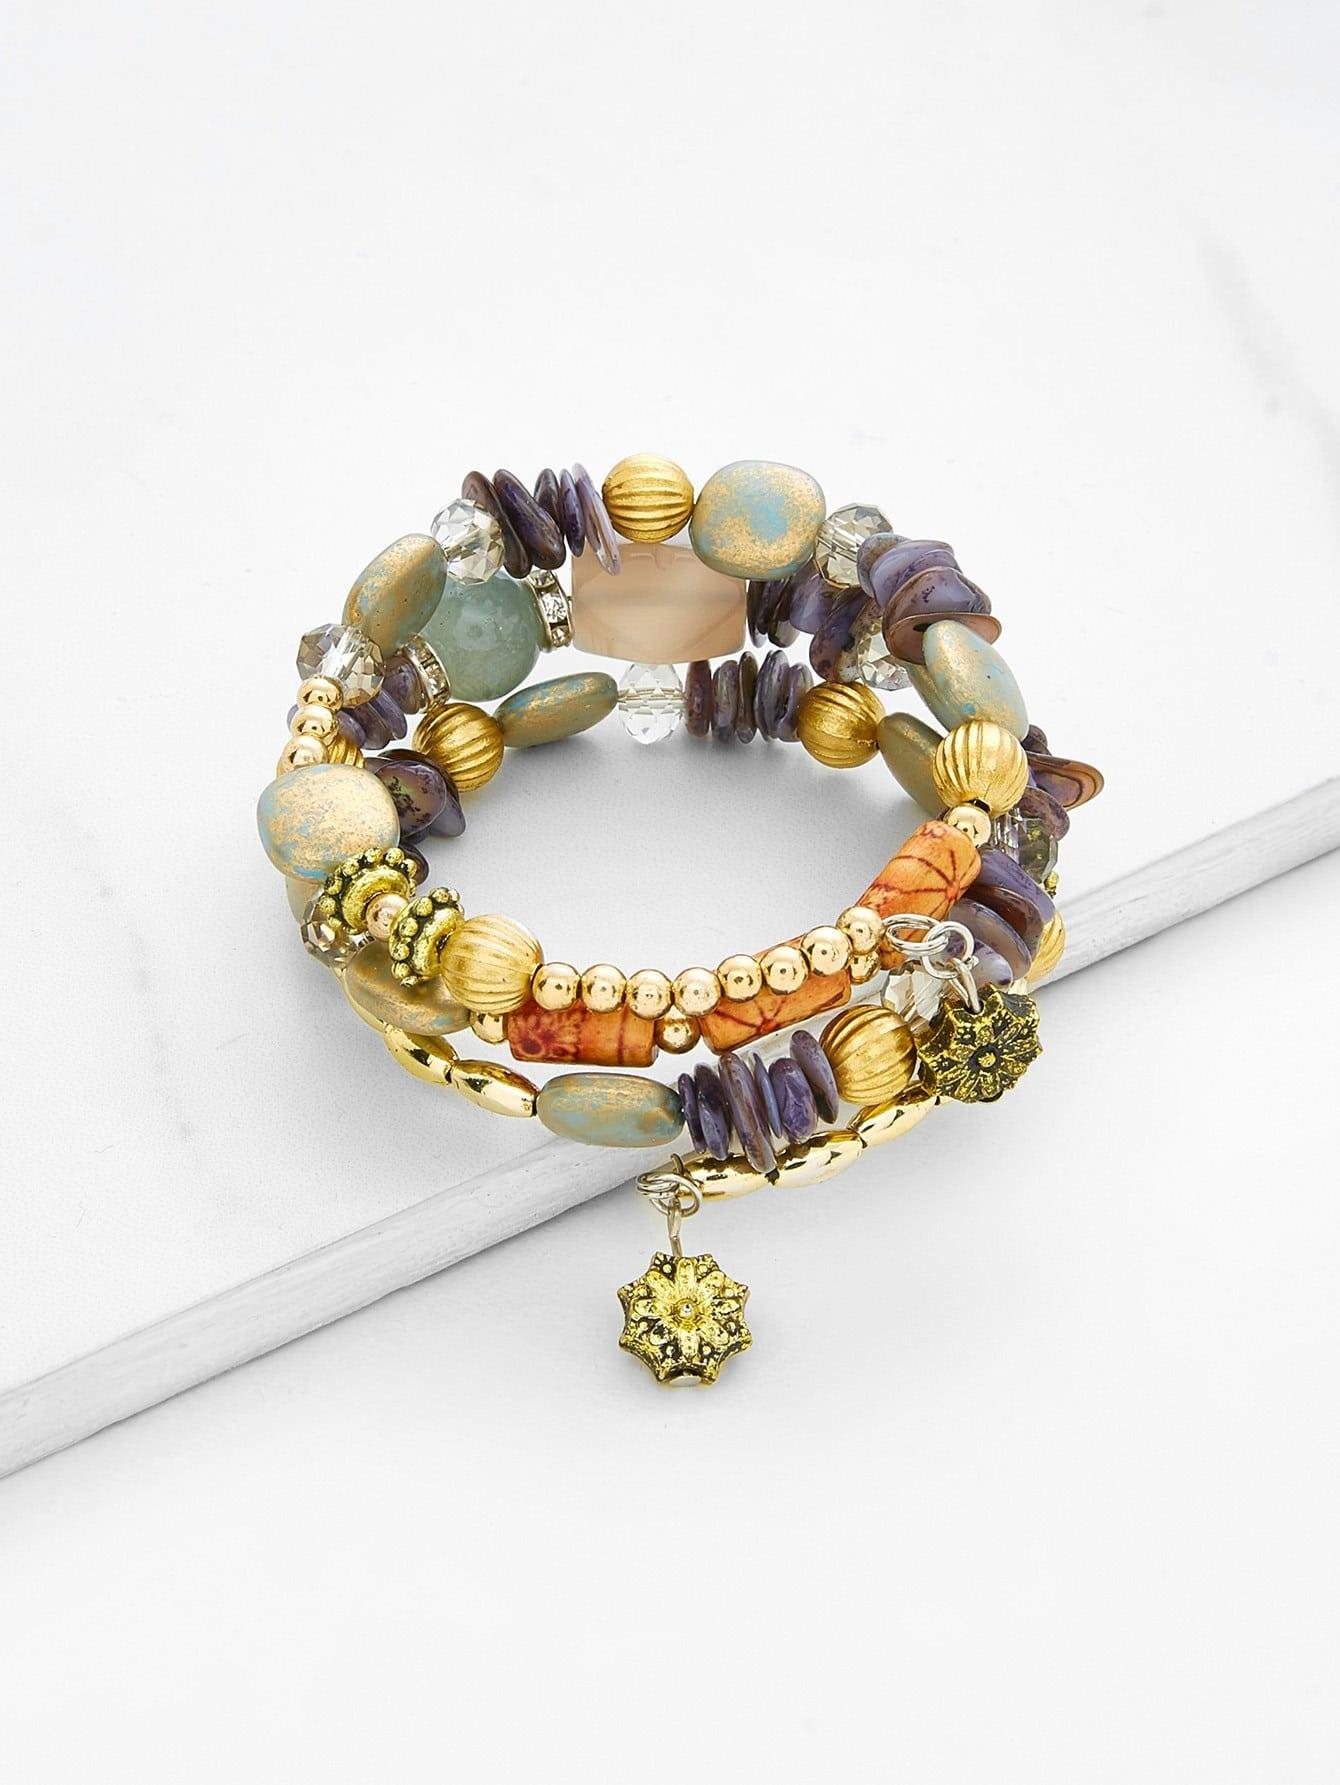 Flower Charm Beaded Layered Bracelet plain beaded bracelet